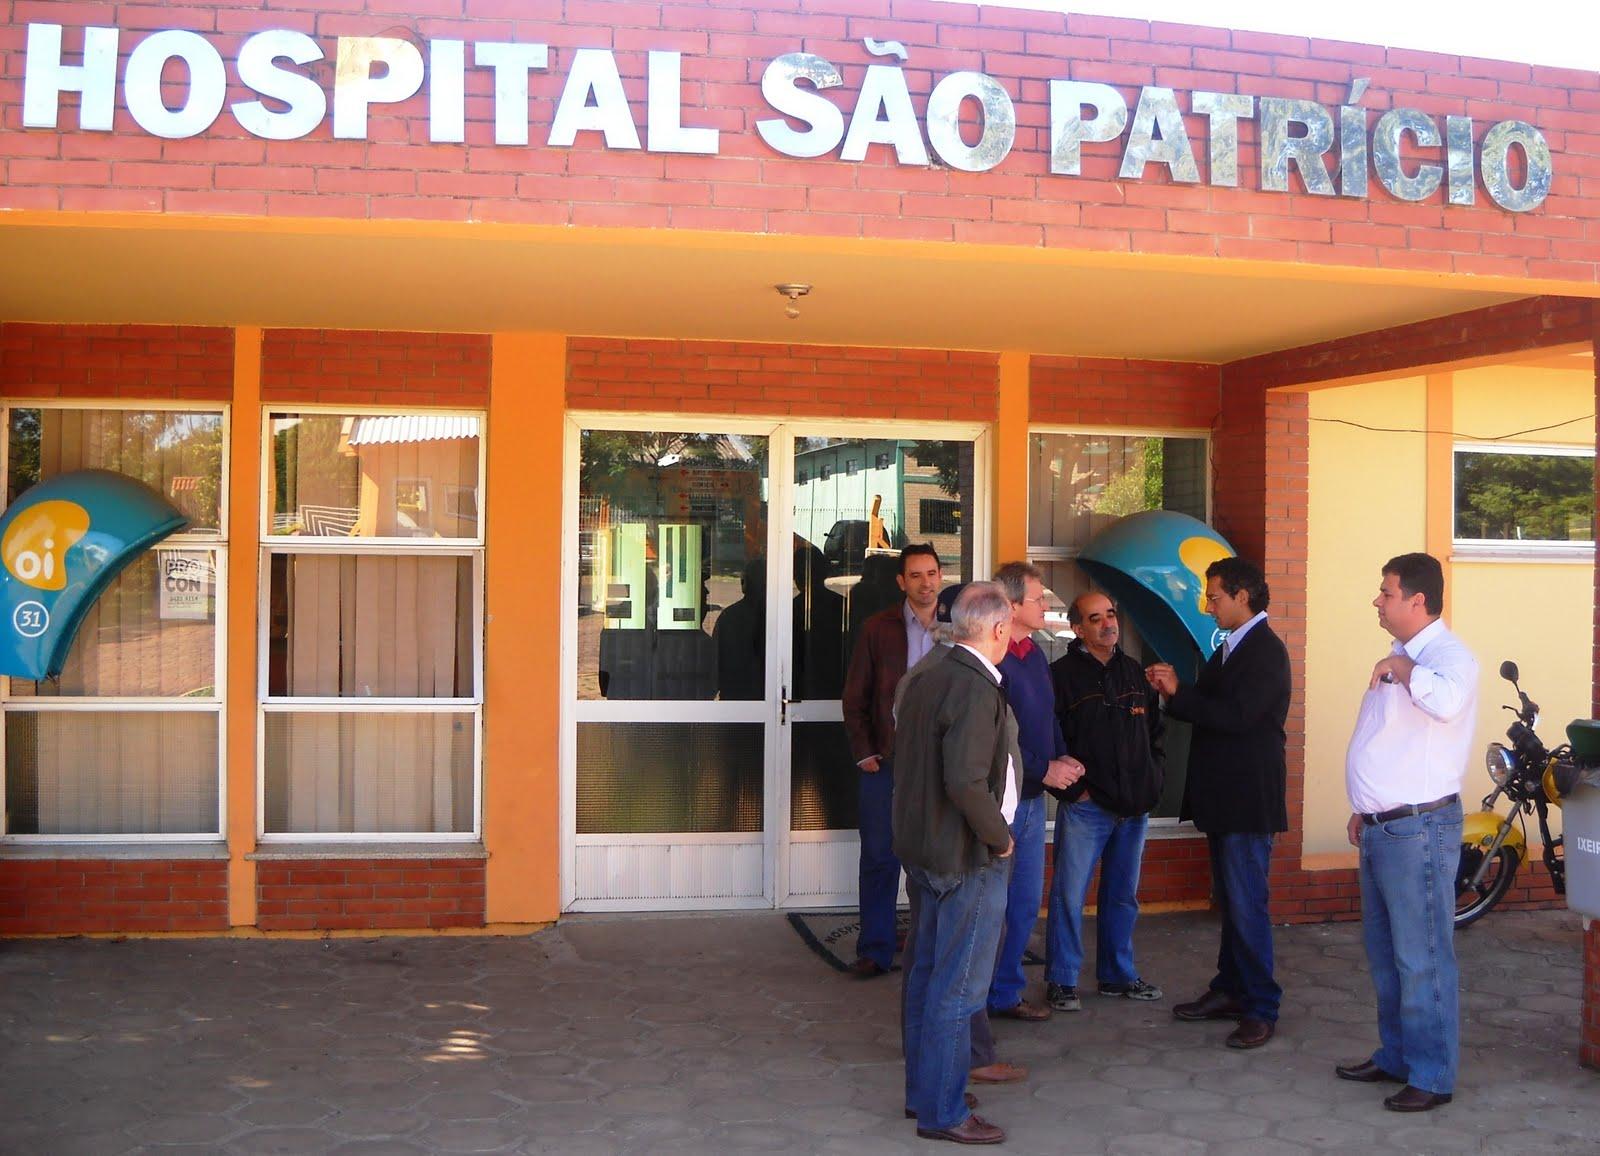 visita hospital: